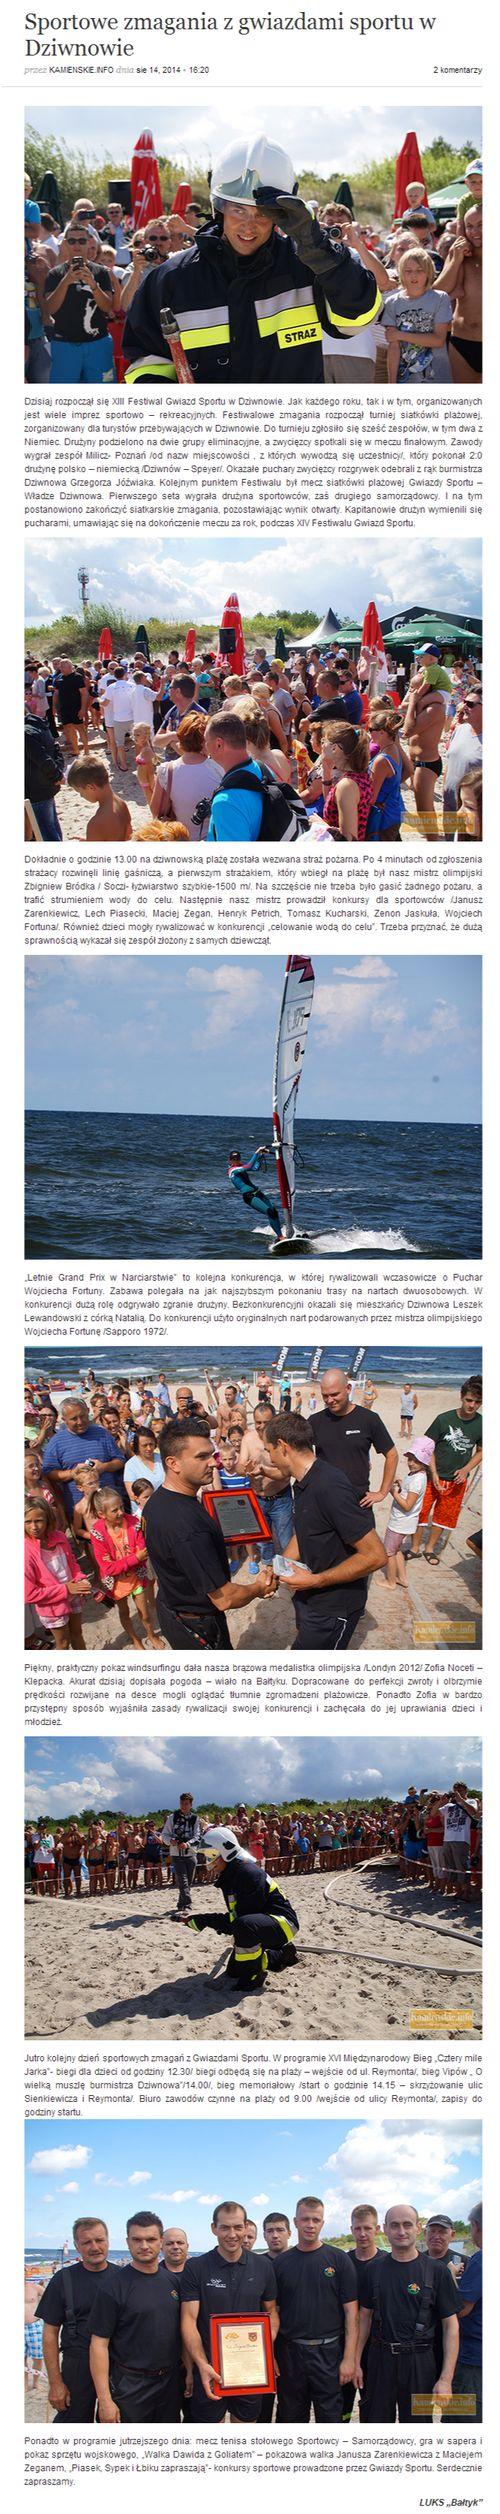 Sportowe zmagania z gwiazdami sportu w Dziwnowie   Kamienskie.info_W500